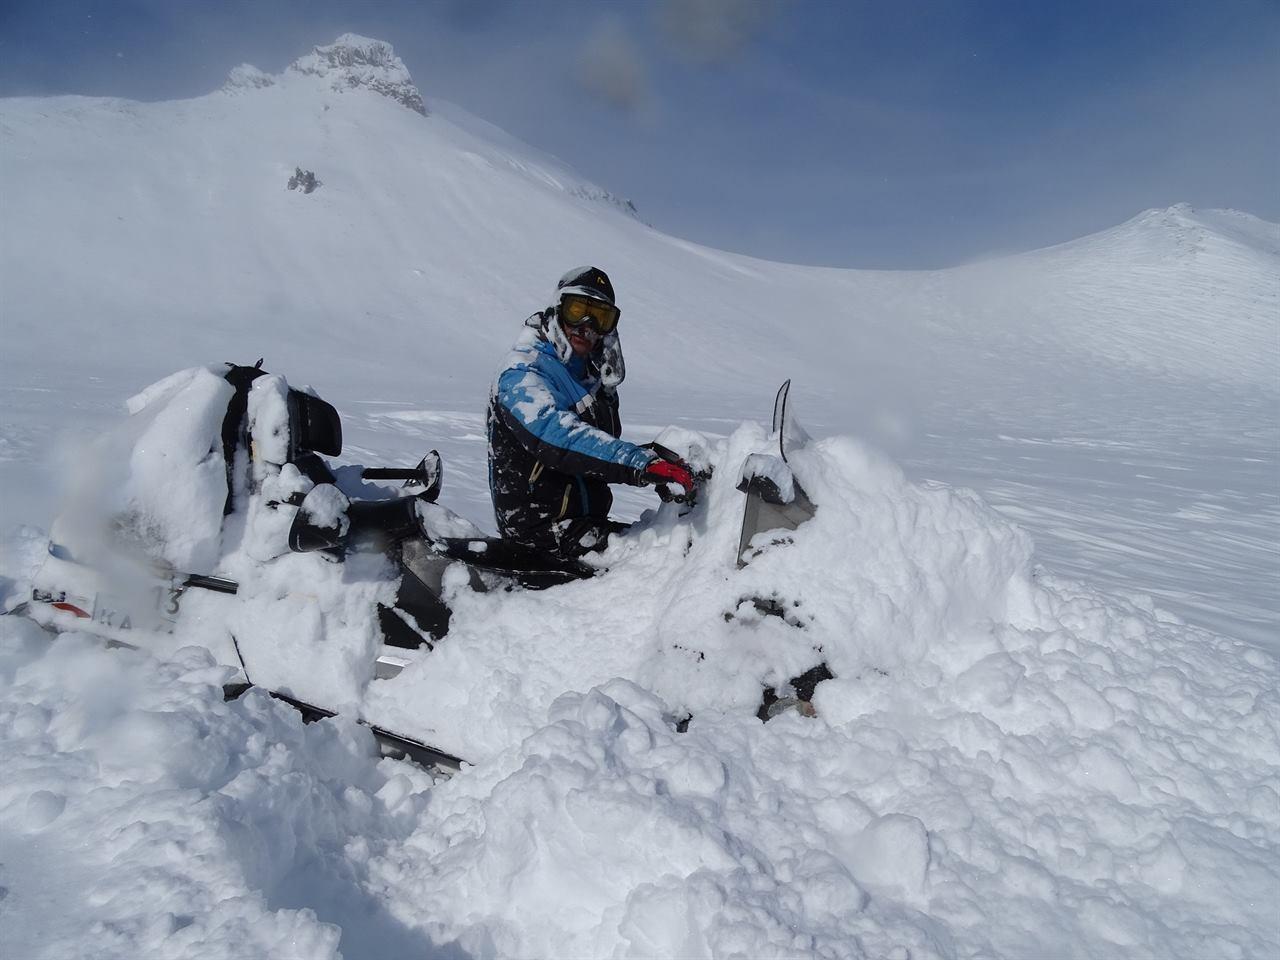 Путешественник в снегу на снегоходе